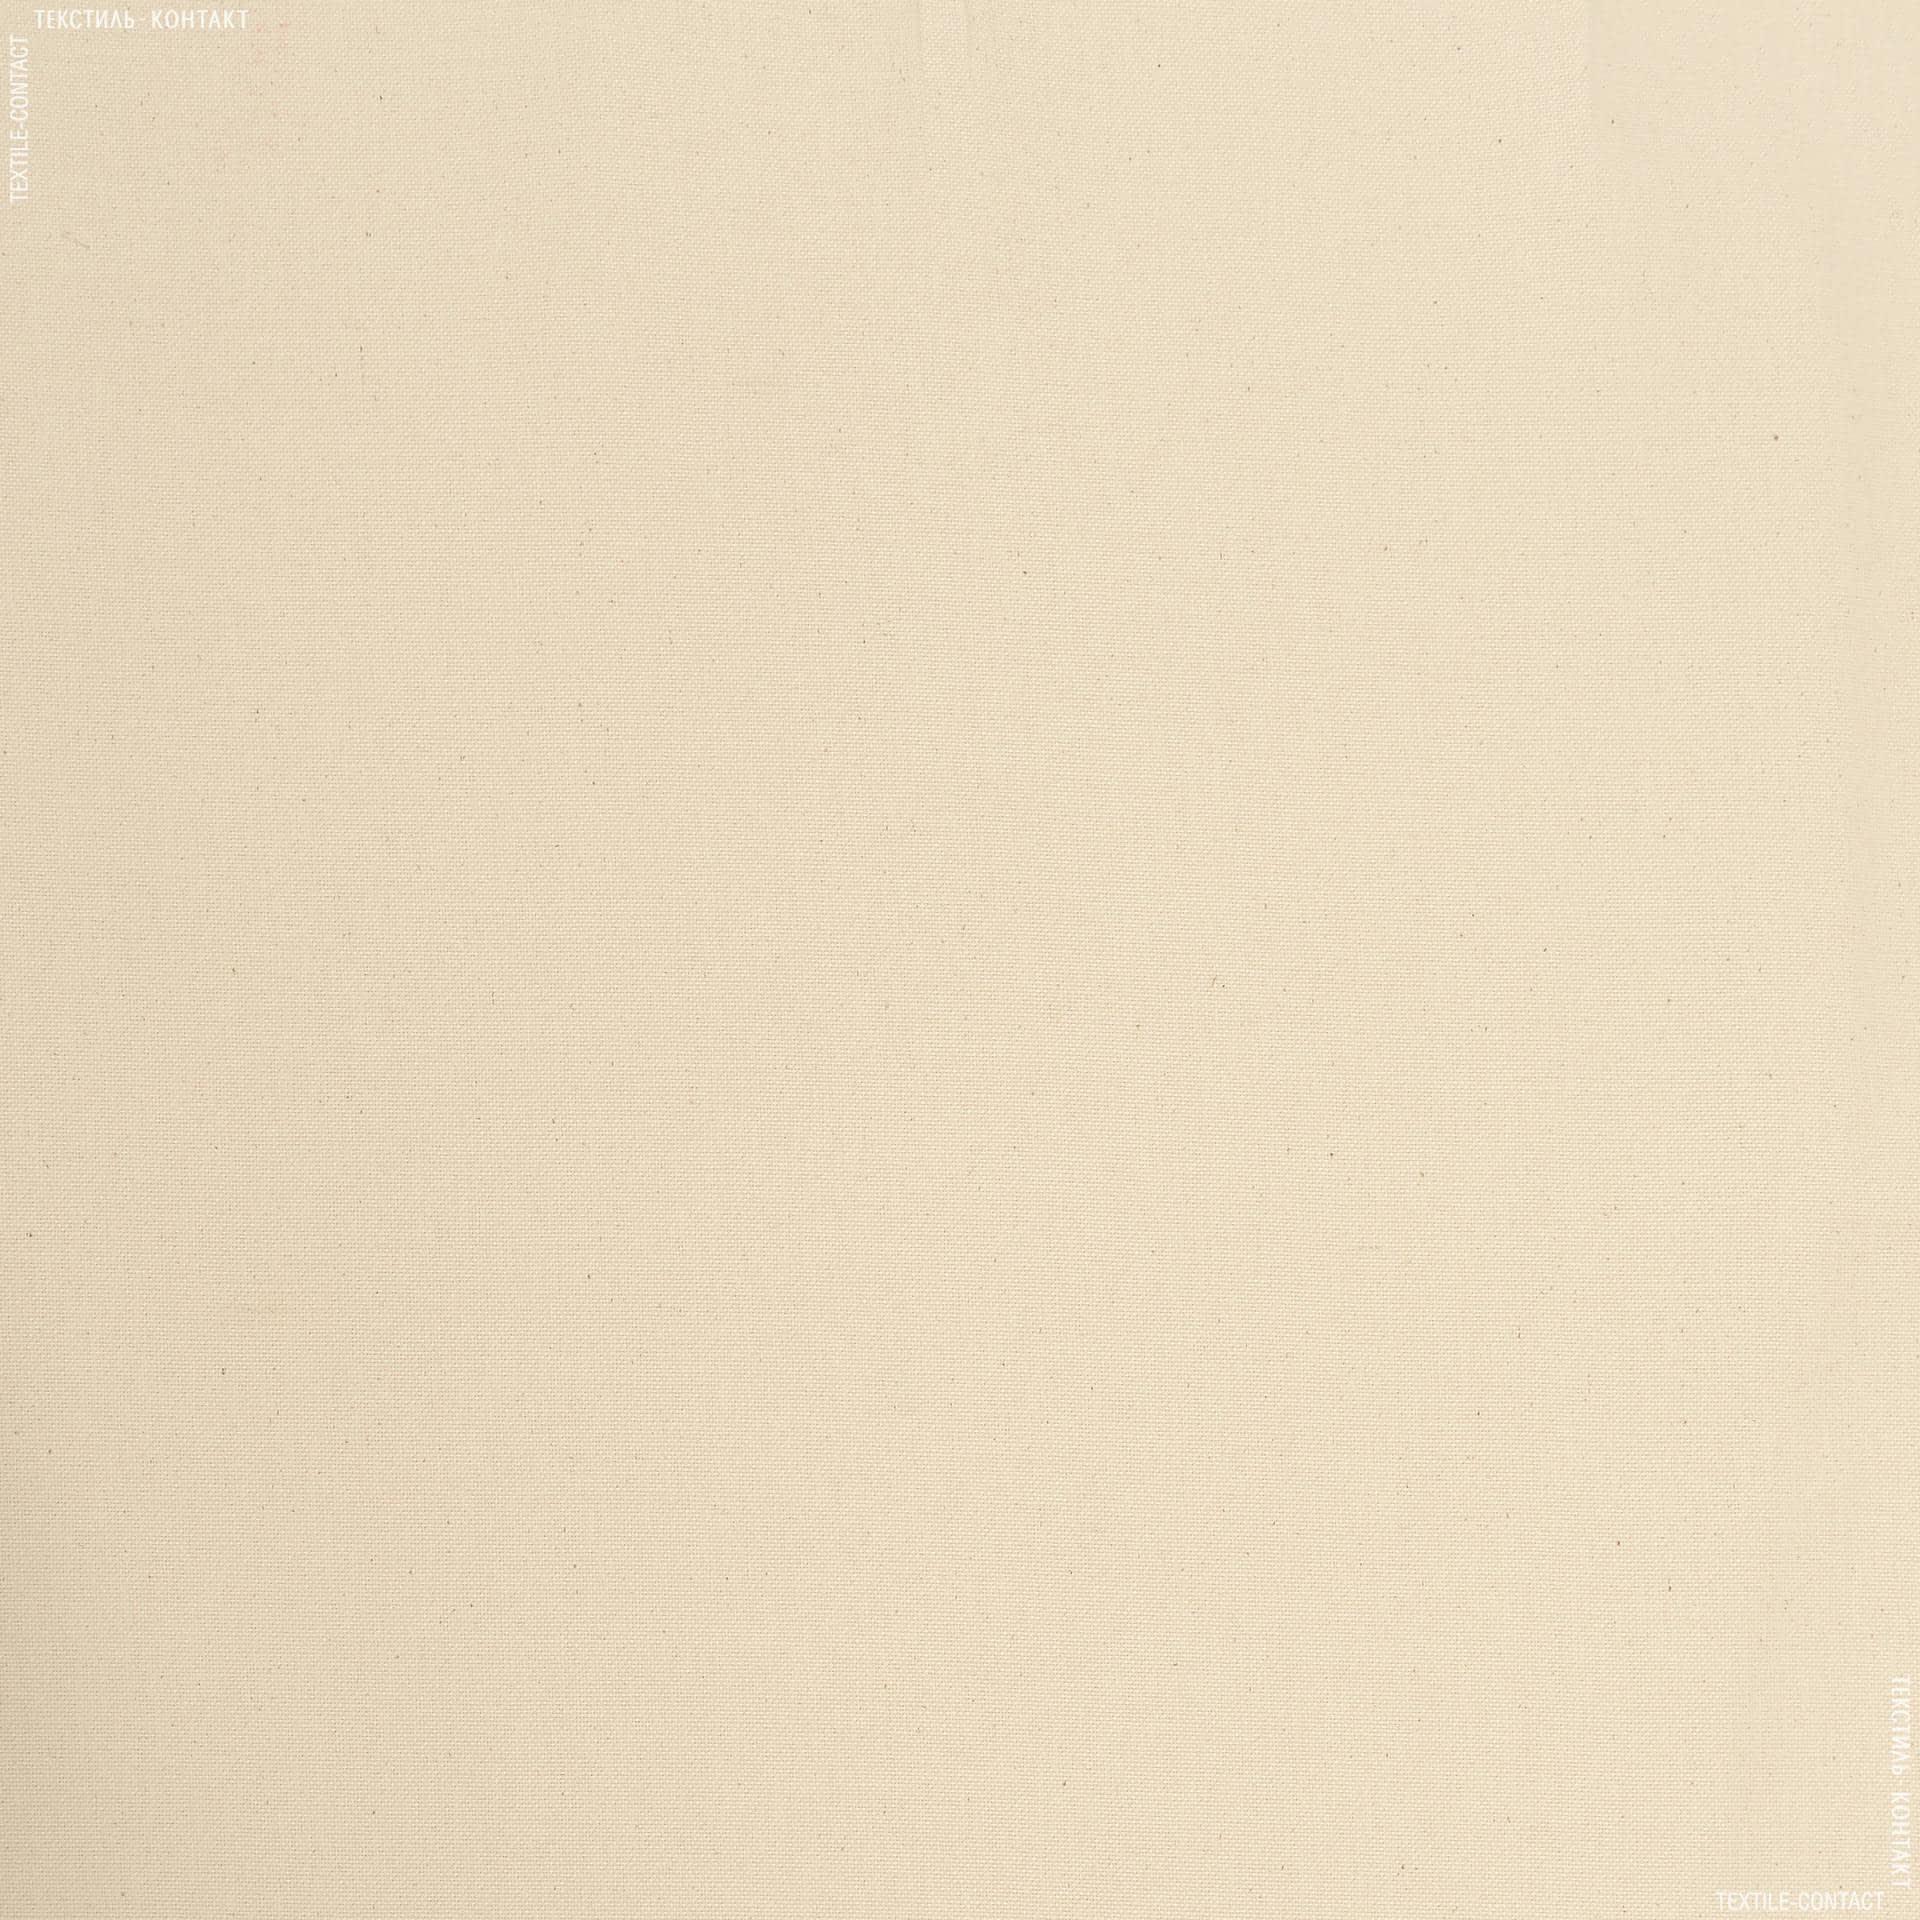 Тканини для спортивного одягу - Двунитка апретована пл.240